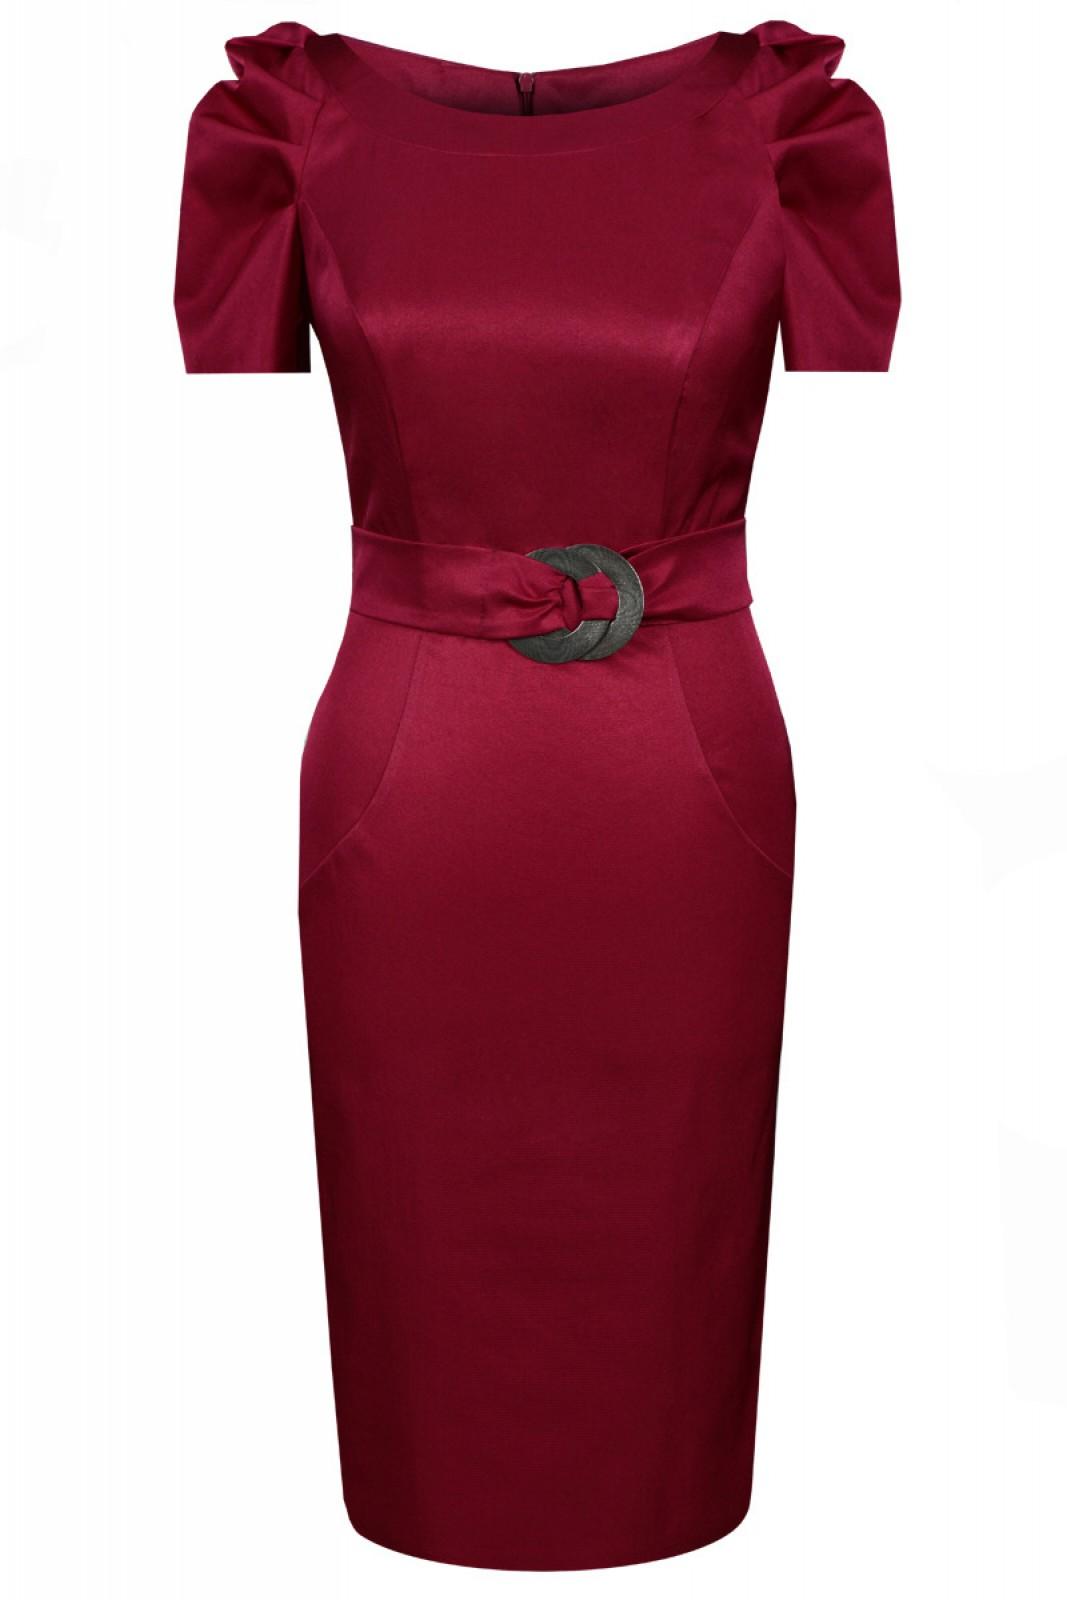 Zeitlos-elegantes Kleid in Bordeaux mit gerafften kurzen Ärmeln - ...